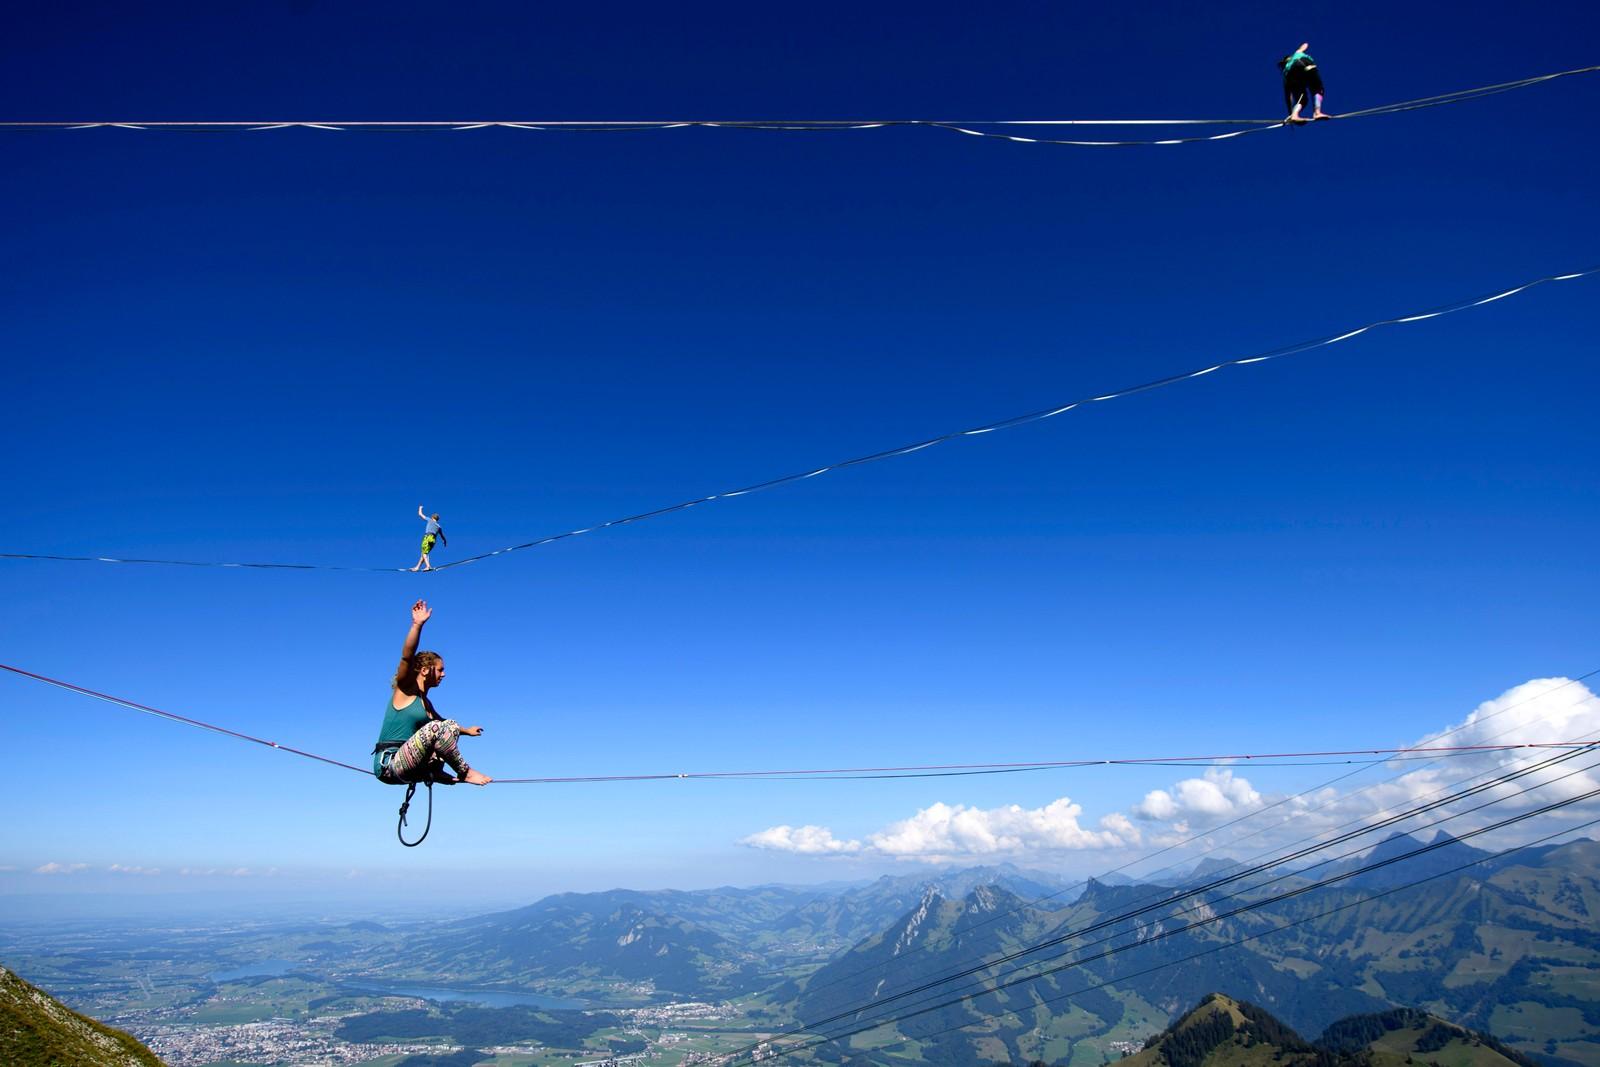 Profesjonelle fjellklatrere går på line under et arrangement kalt Highline Extreme på fjellet Moléson 2000 meter over havet i de sveitsiske alper nær Fribourg. 25 personer konkurrerer på åtte forskjellige liner som er fra 45 meter til 495 meter lange. Bildet er tatt den 8. september.